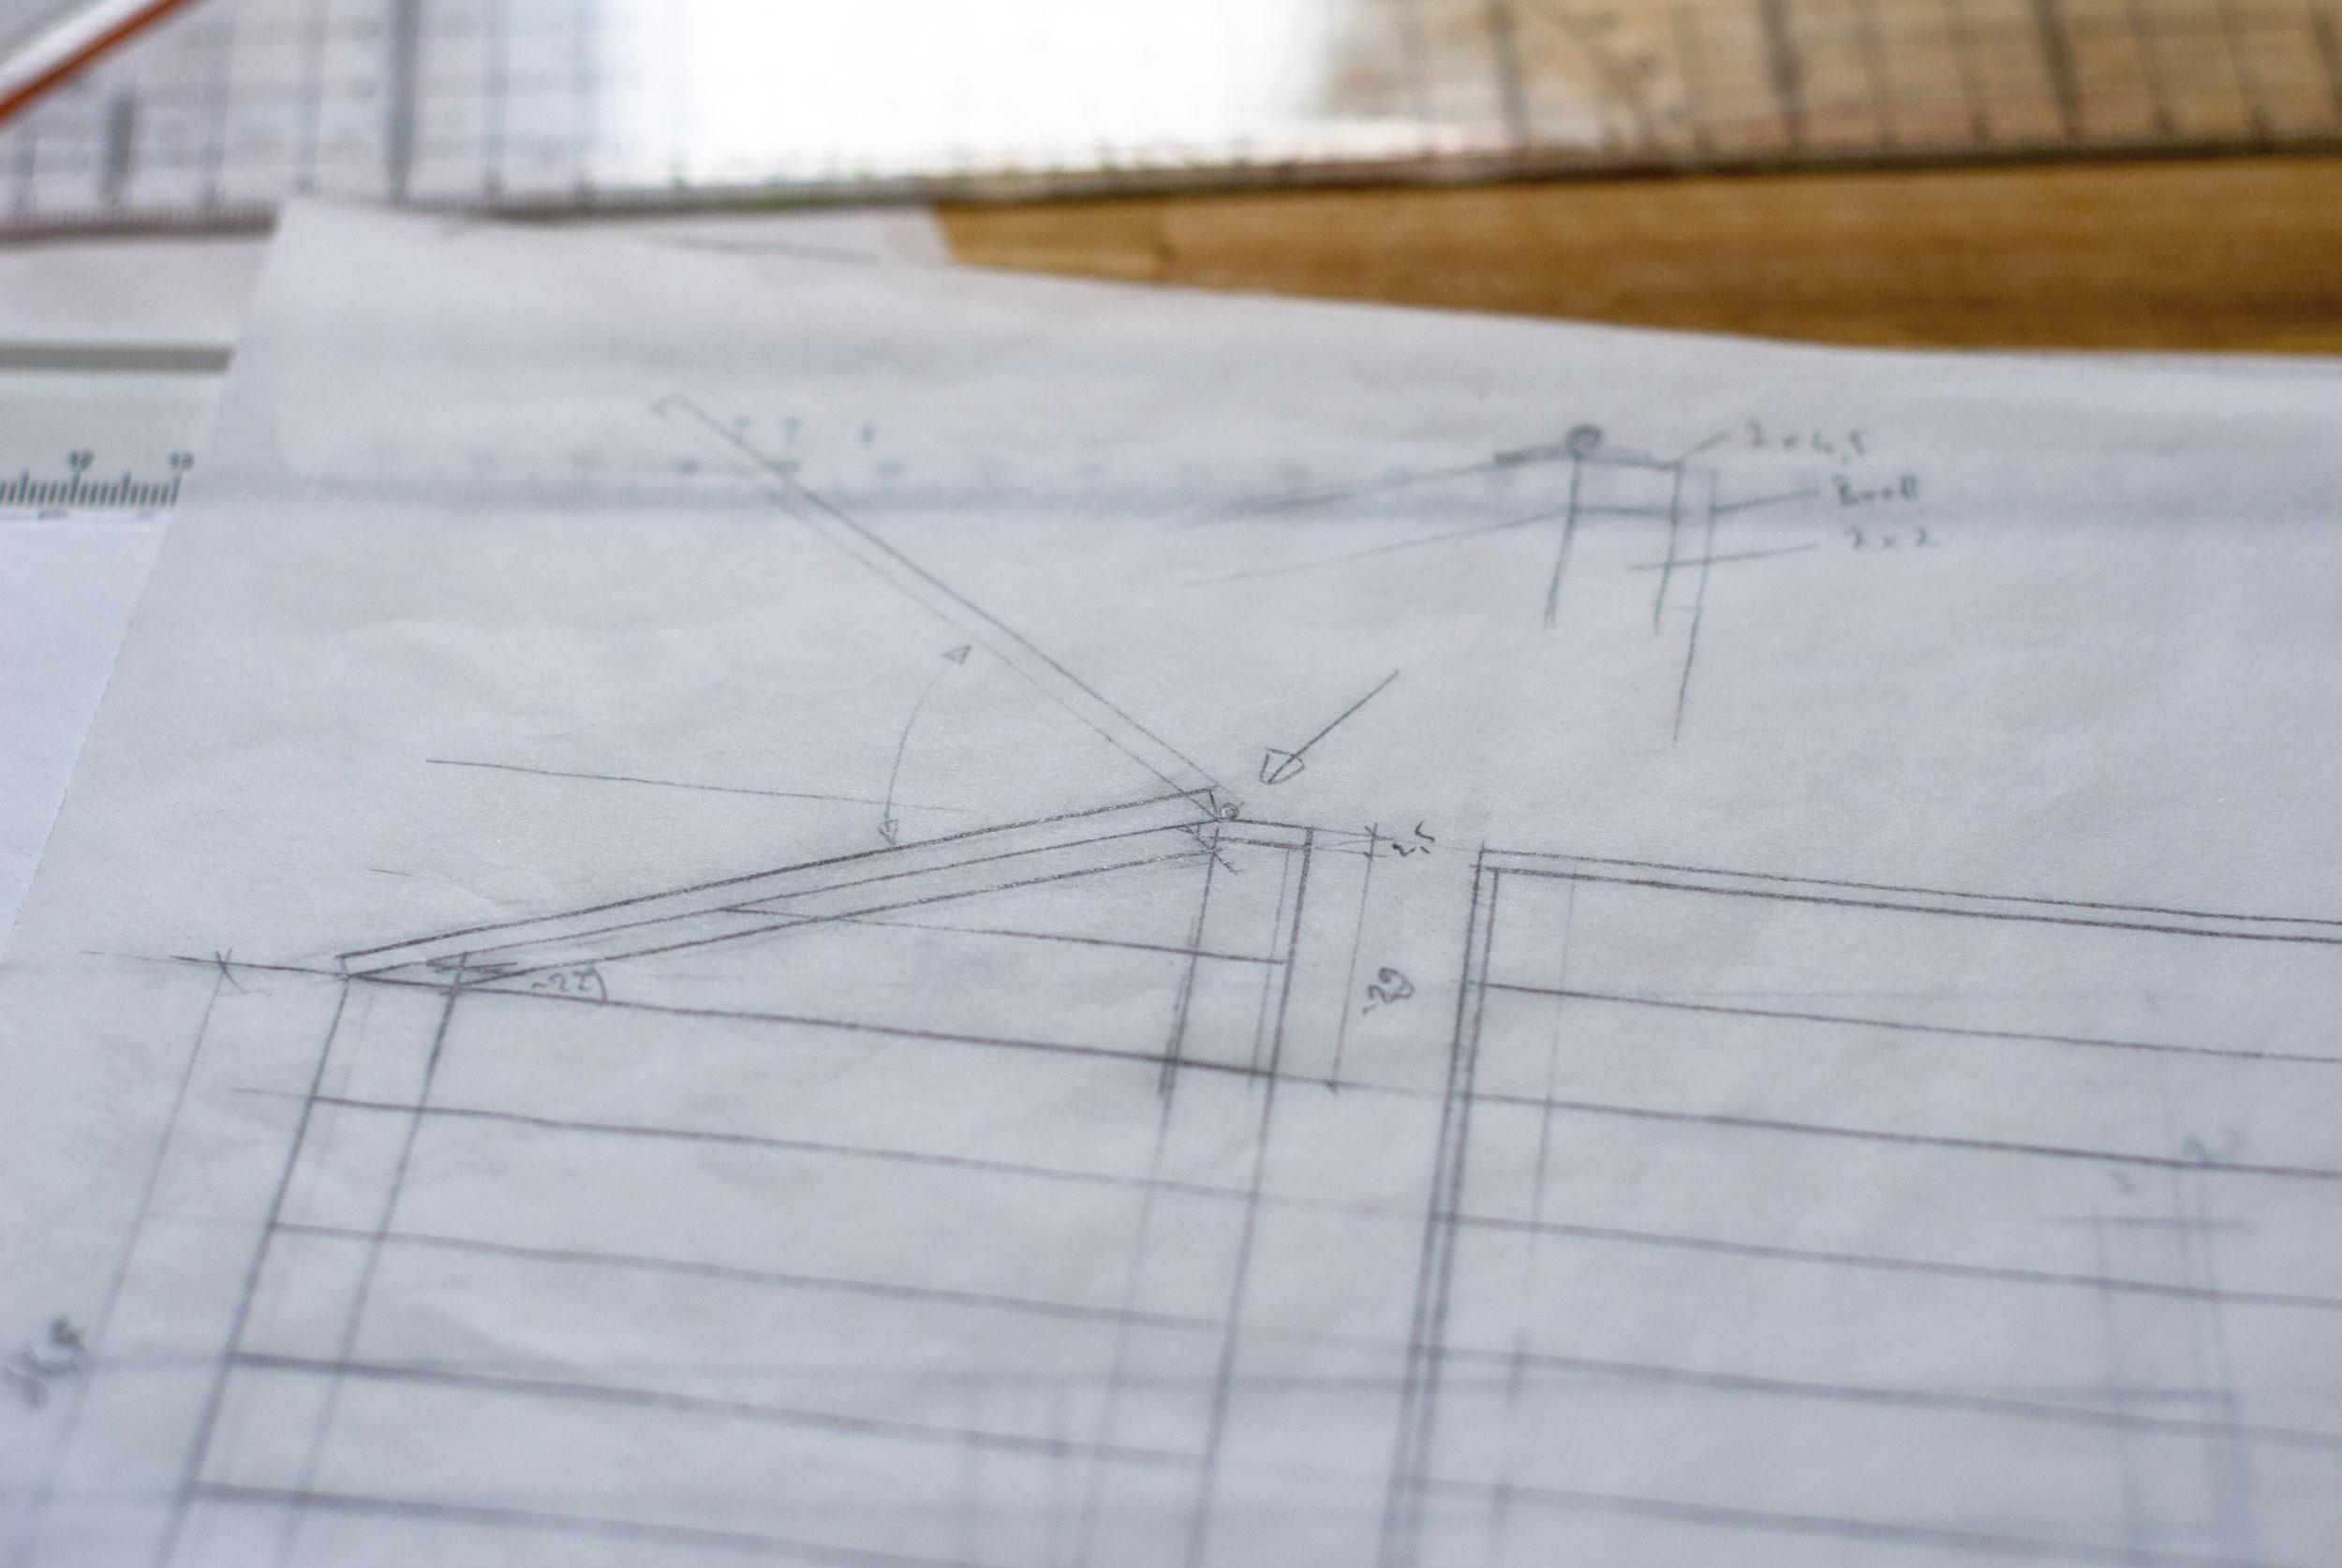 Hochbeet Planen Zeichnungen Fruhbeet Ein Stuck Arbeit